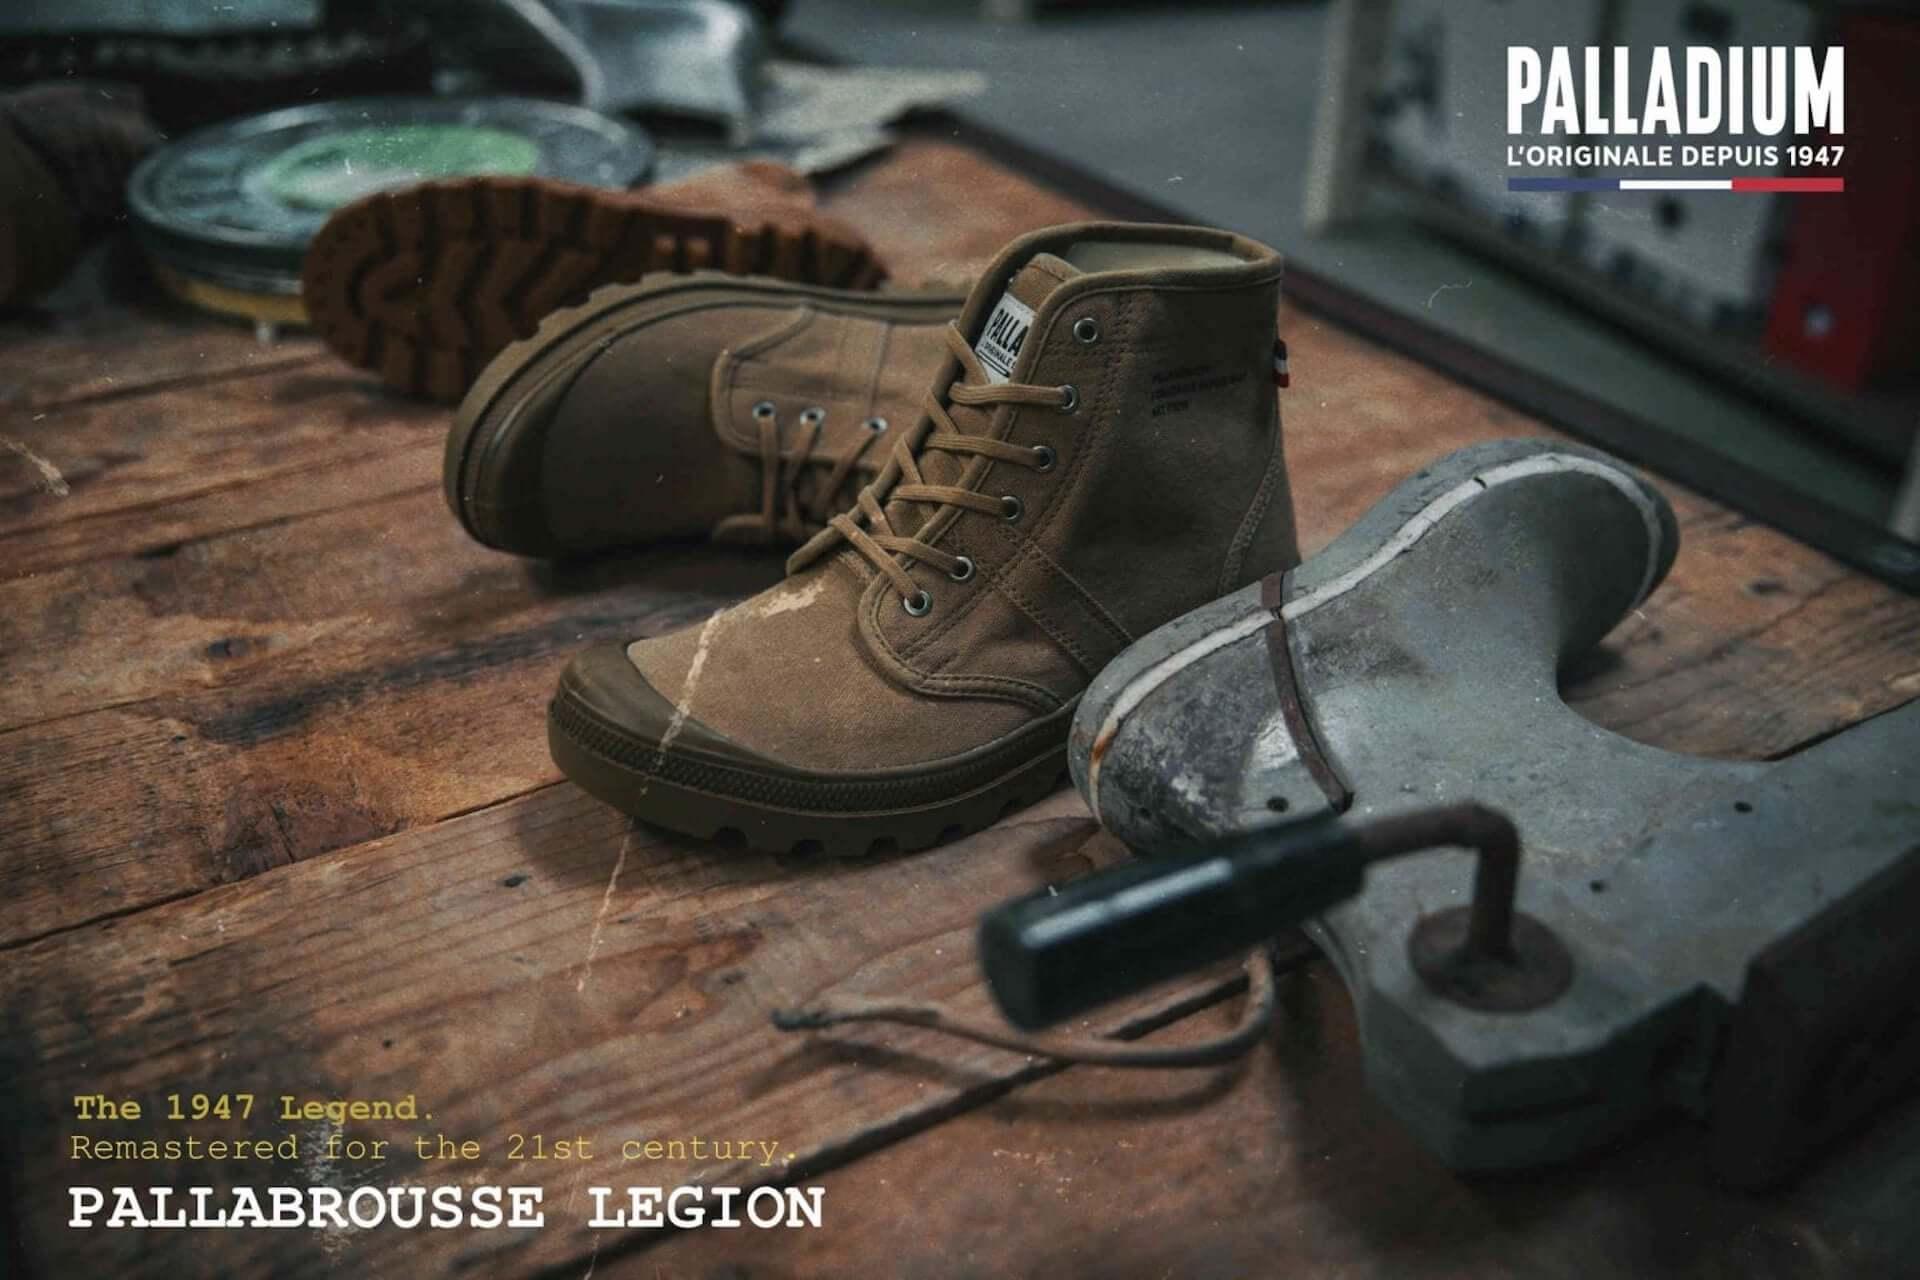 パラディウムブーツの原点が復刻&アップデート!新世代の探検家に贈る特別モデル『PALLABROUSSE LEGION』が数量限定で発売 lf210224_palladium_1-1920x1280